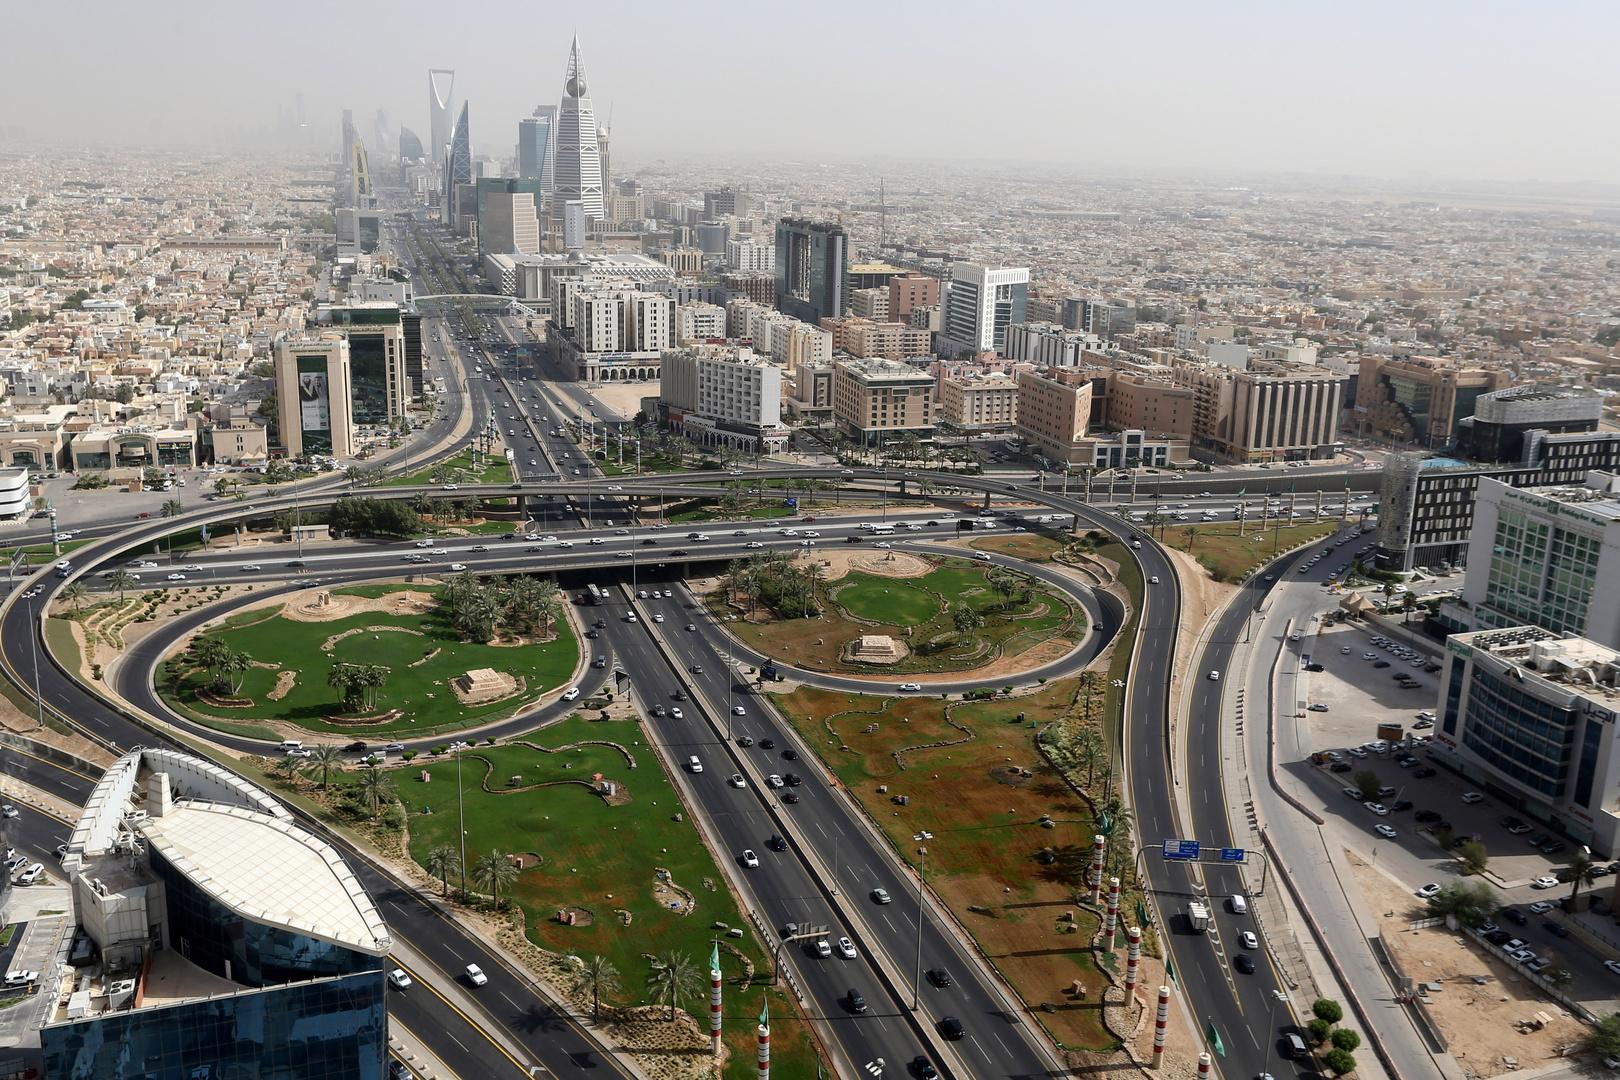 السعوديون يقبلون على زيارة محافظة الطائف للاستمتاع بأجواء الهدا (فيديو)